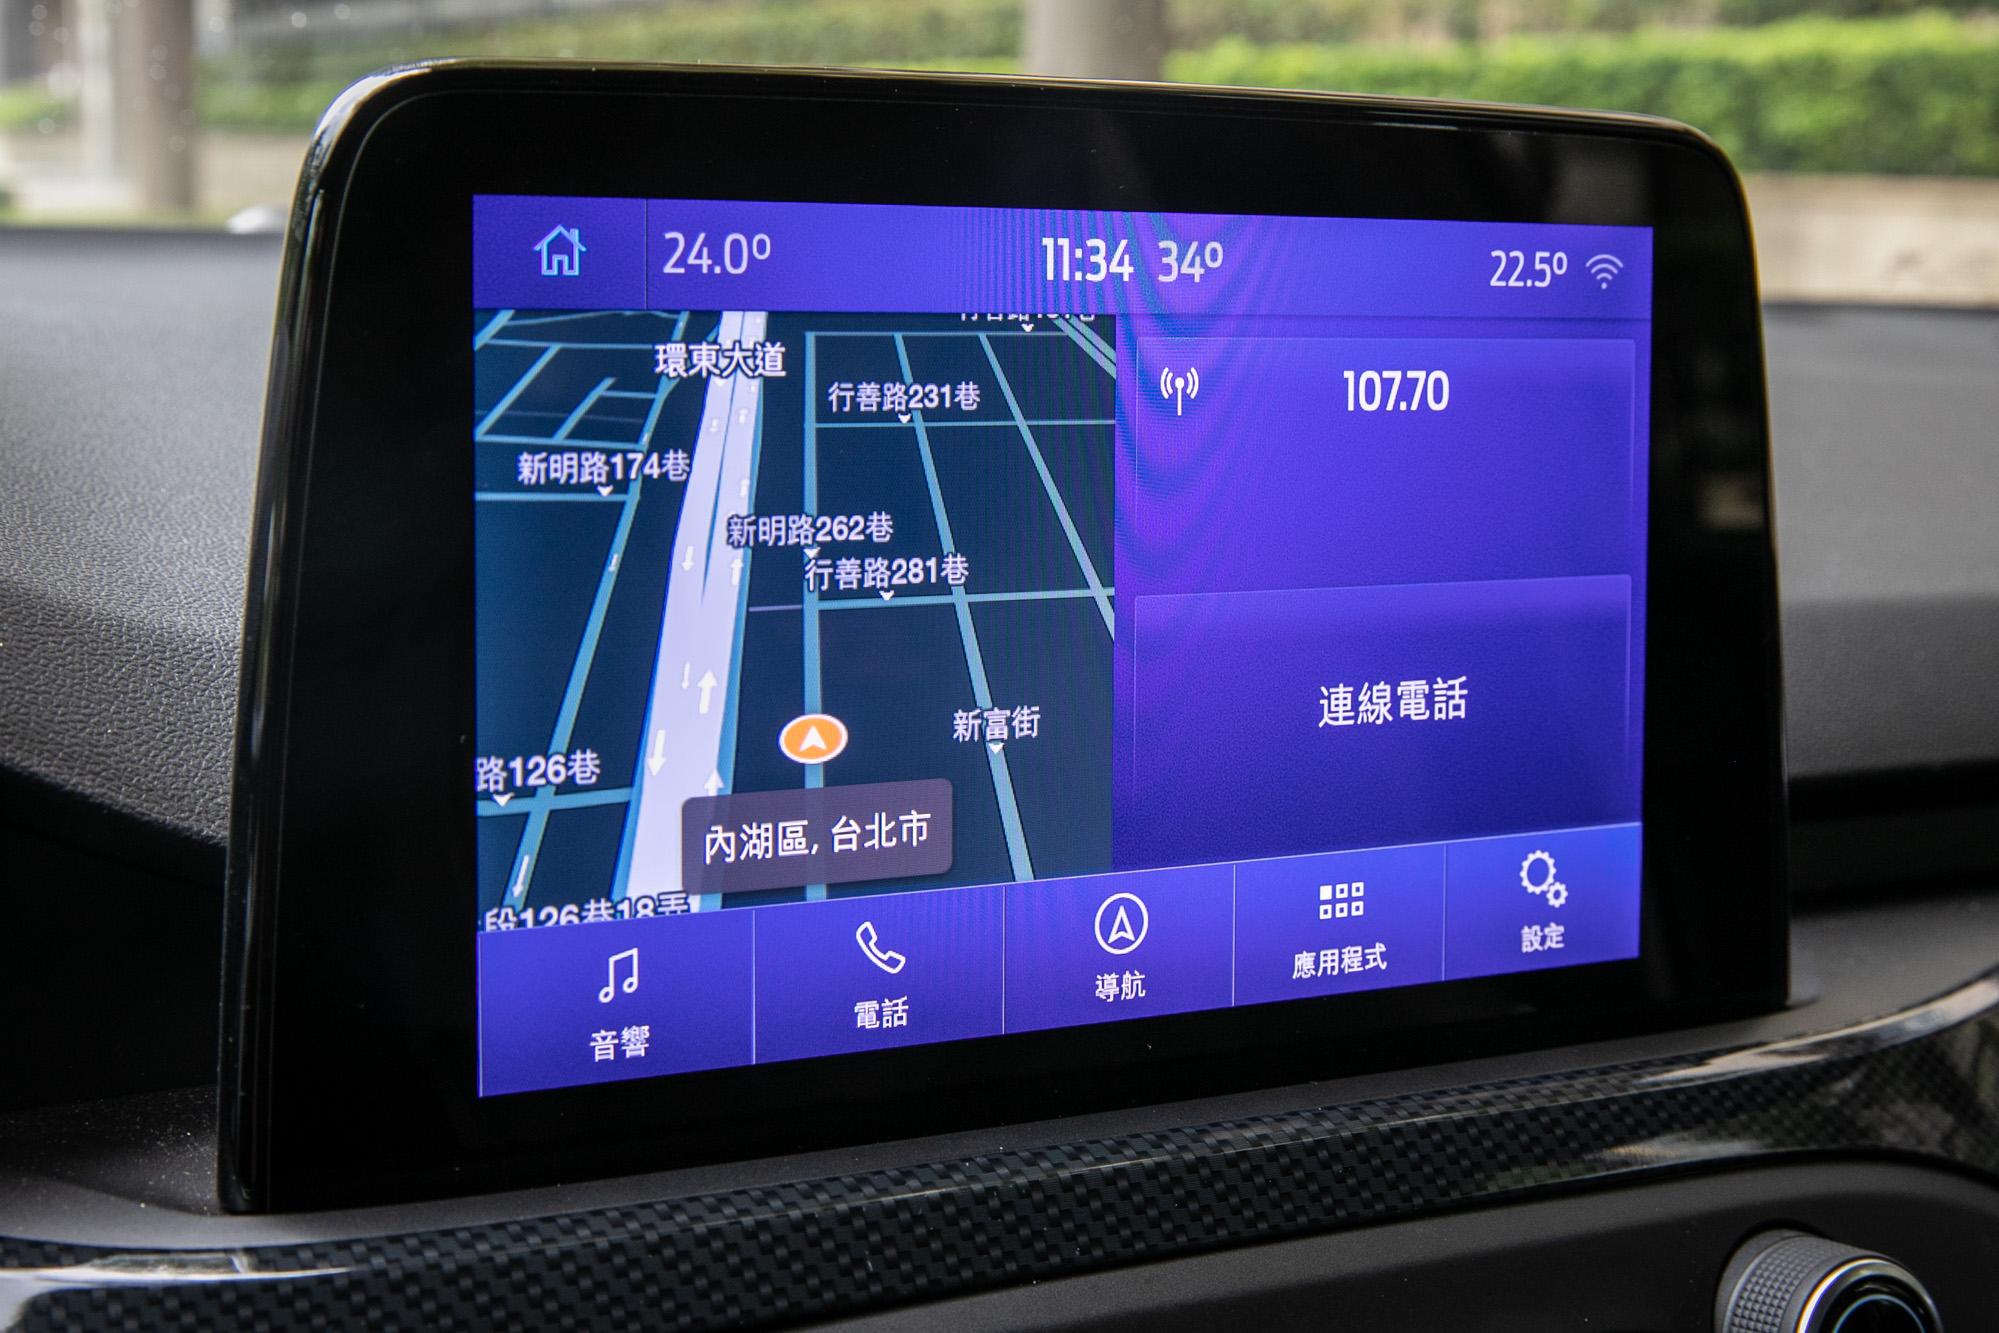 車機同樣是8吋LCD觸控螢幕搭配SYNC 3娛樂通訊整合系統,也有Apple CarPlay /Android Auto/ 原廠中文衛星導航系統。